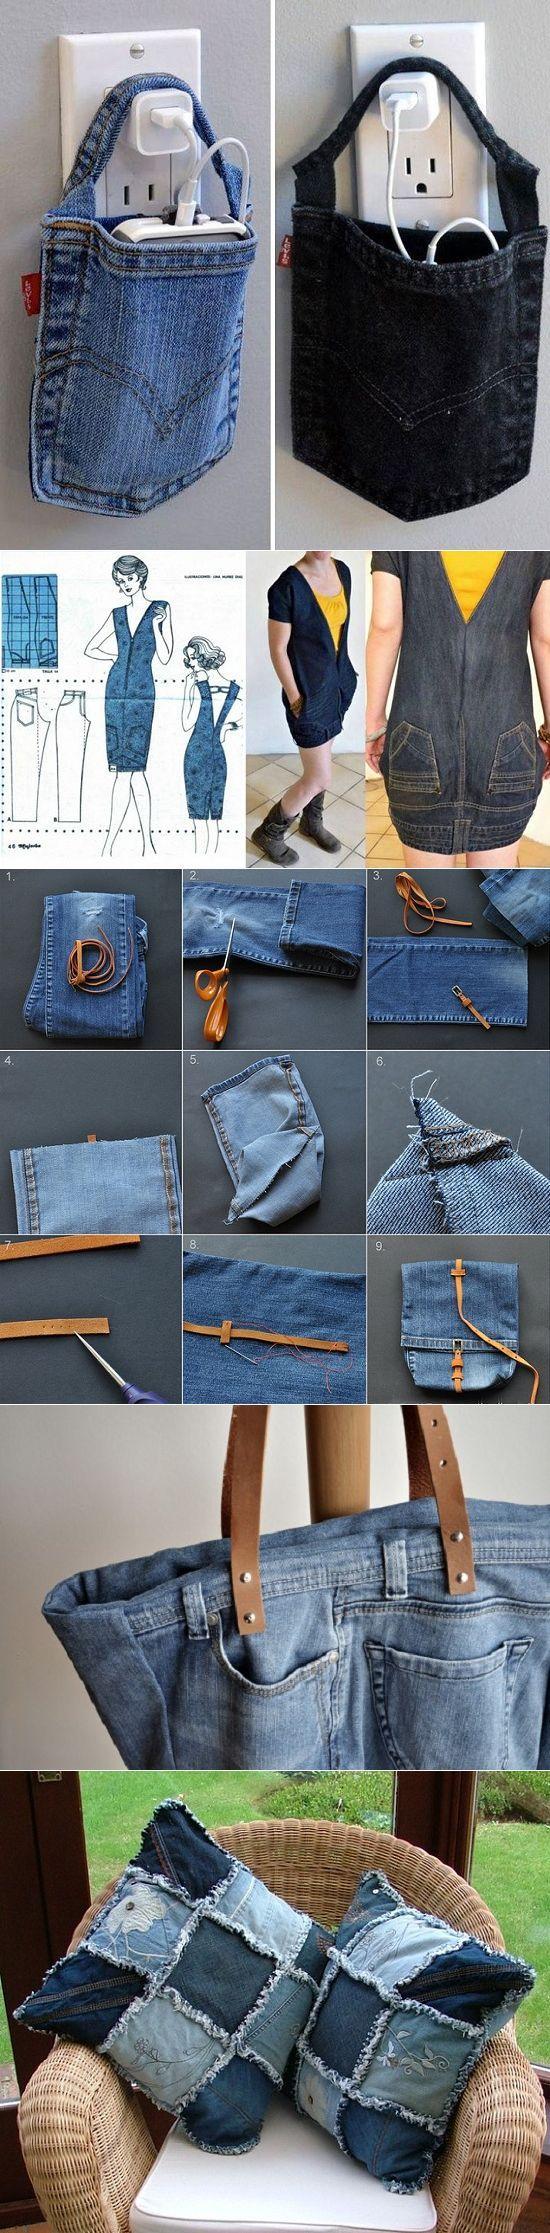 Старые джинсы как источник вдохновения для новых вещей